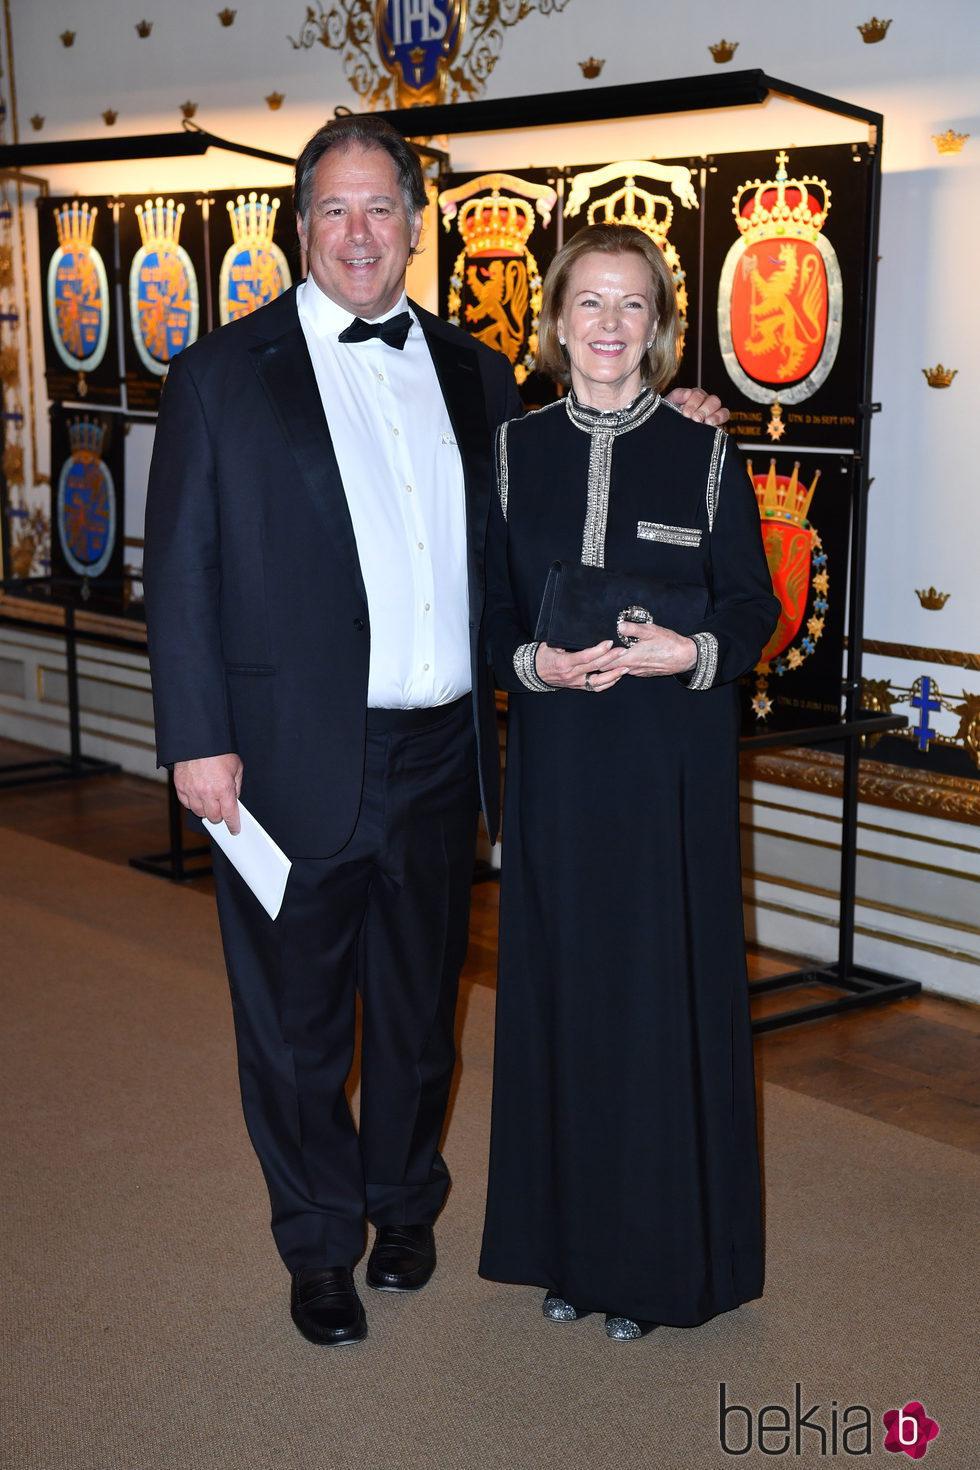 Henry Smith and Anni-Frid Lyngstad en la cena de gala en el 70 cumpleaños del Rey Gustavo de Suecia